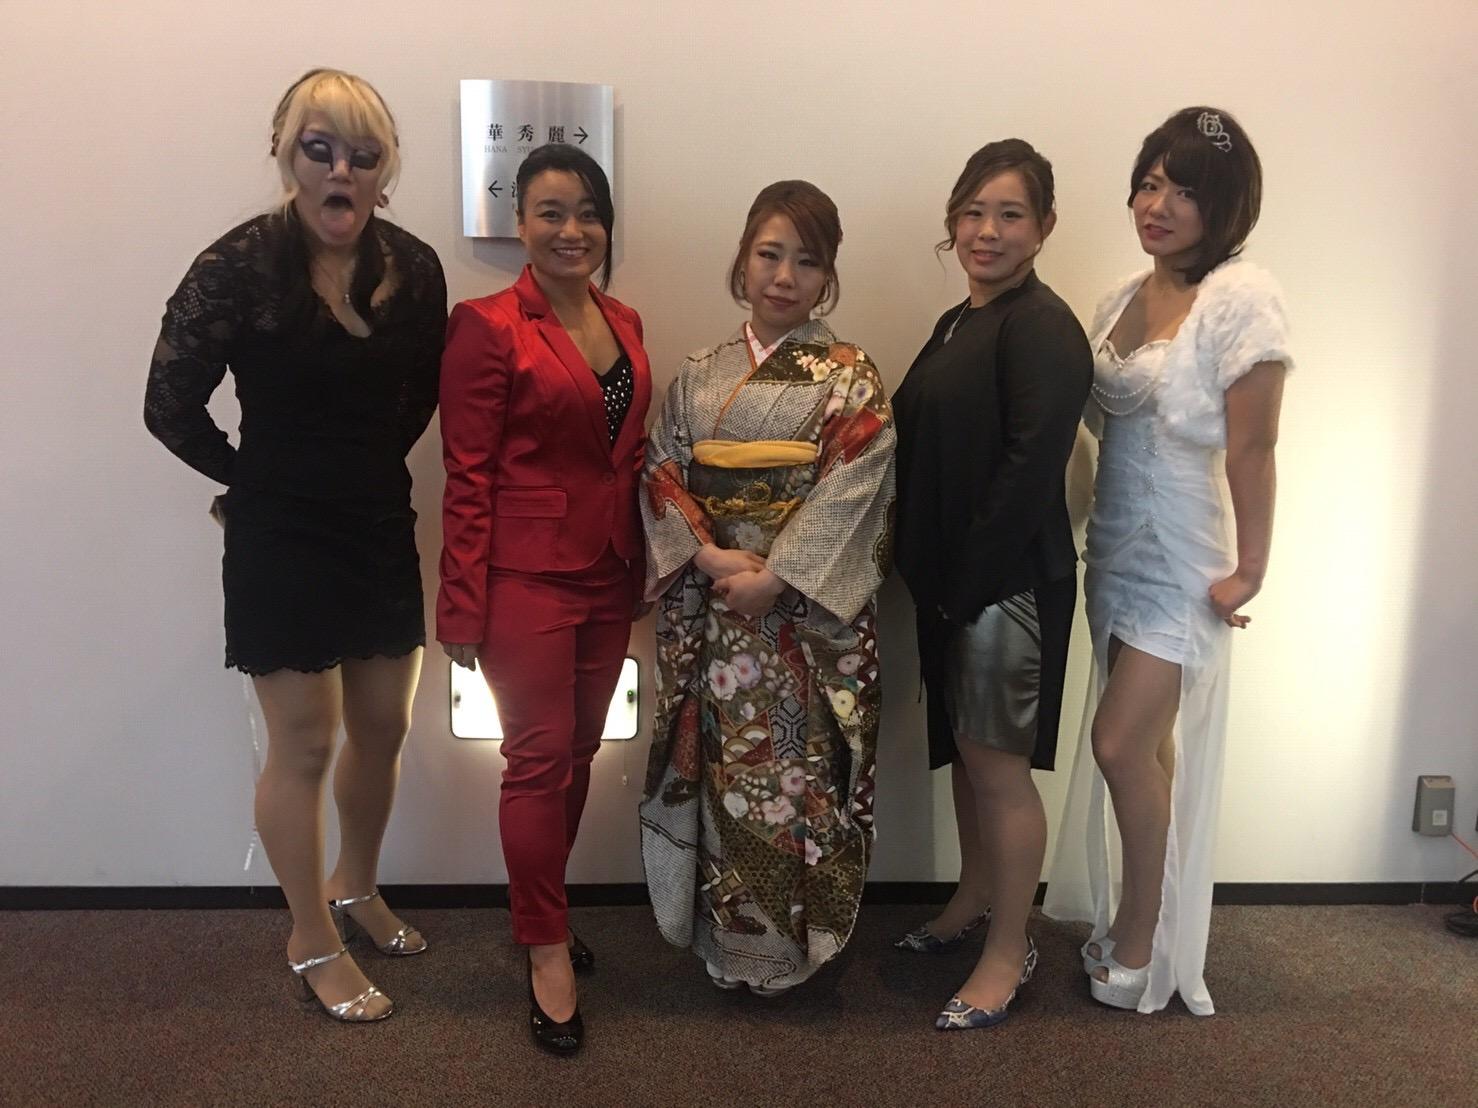 【センダイガールズプロレスリング】仙女&DASH・チサコ10周年記念パーティーが行われ150人の参列者より祝福を受ける